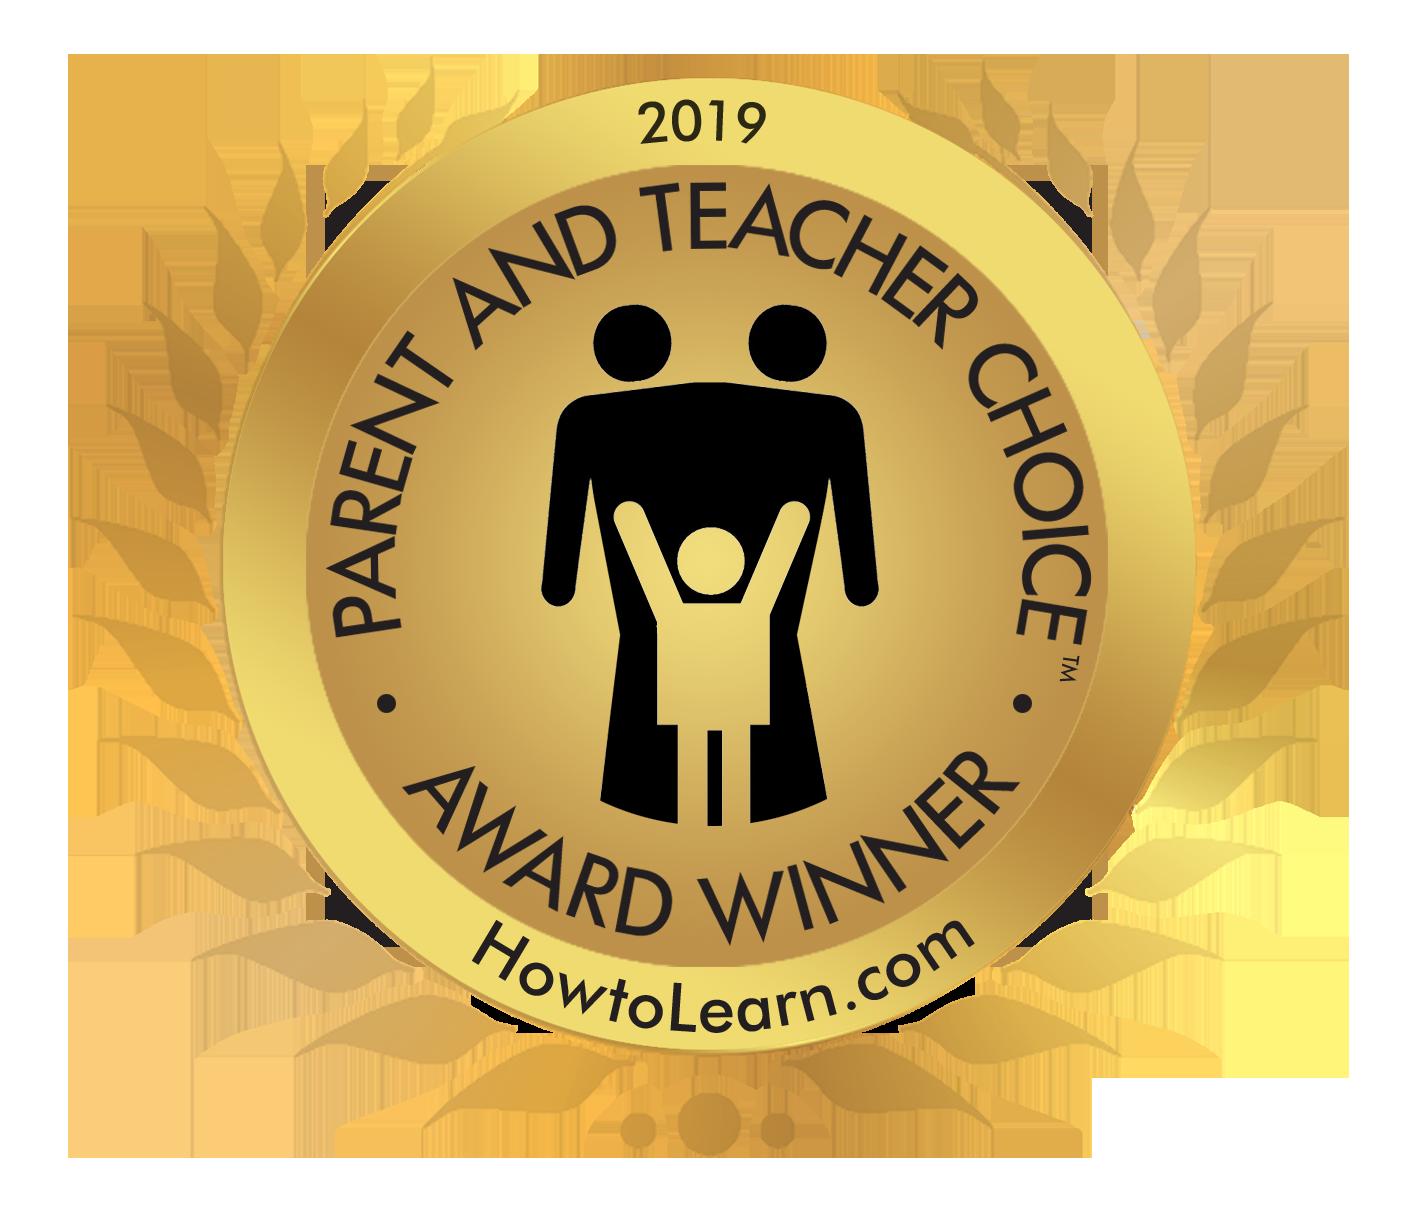 HowToLearn's 2019 Parent and Teacher award